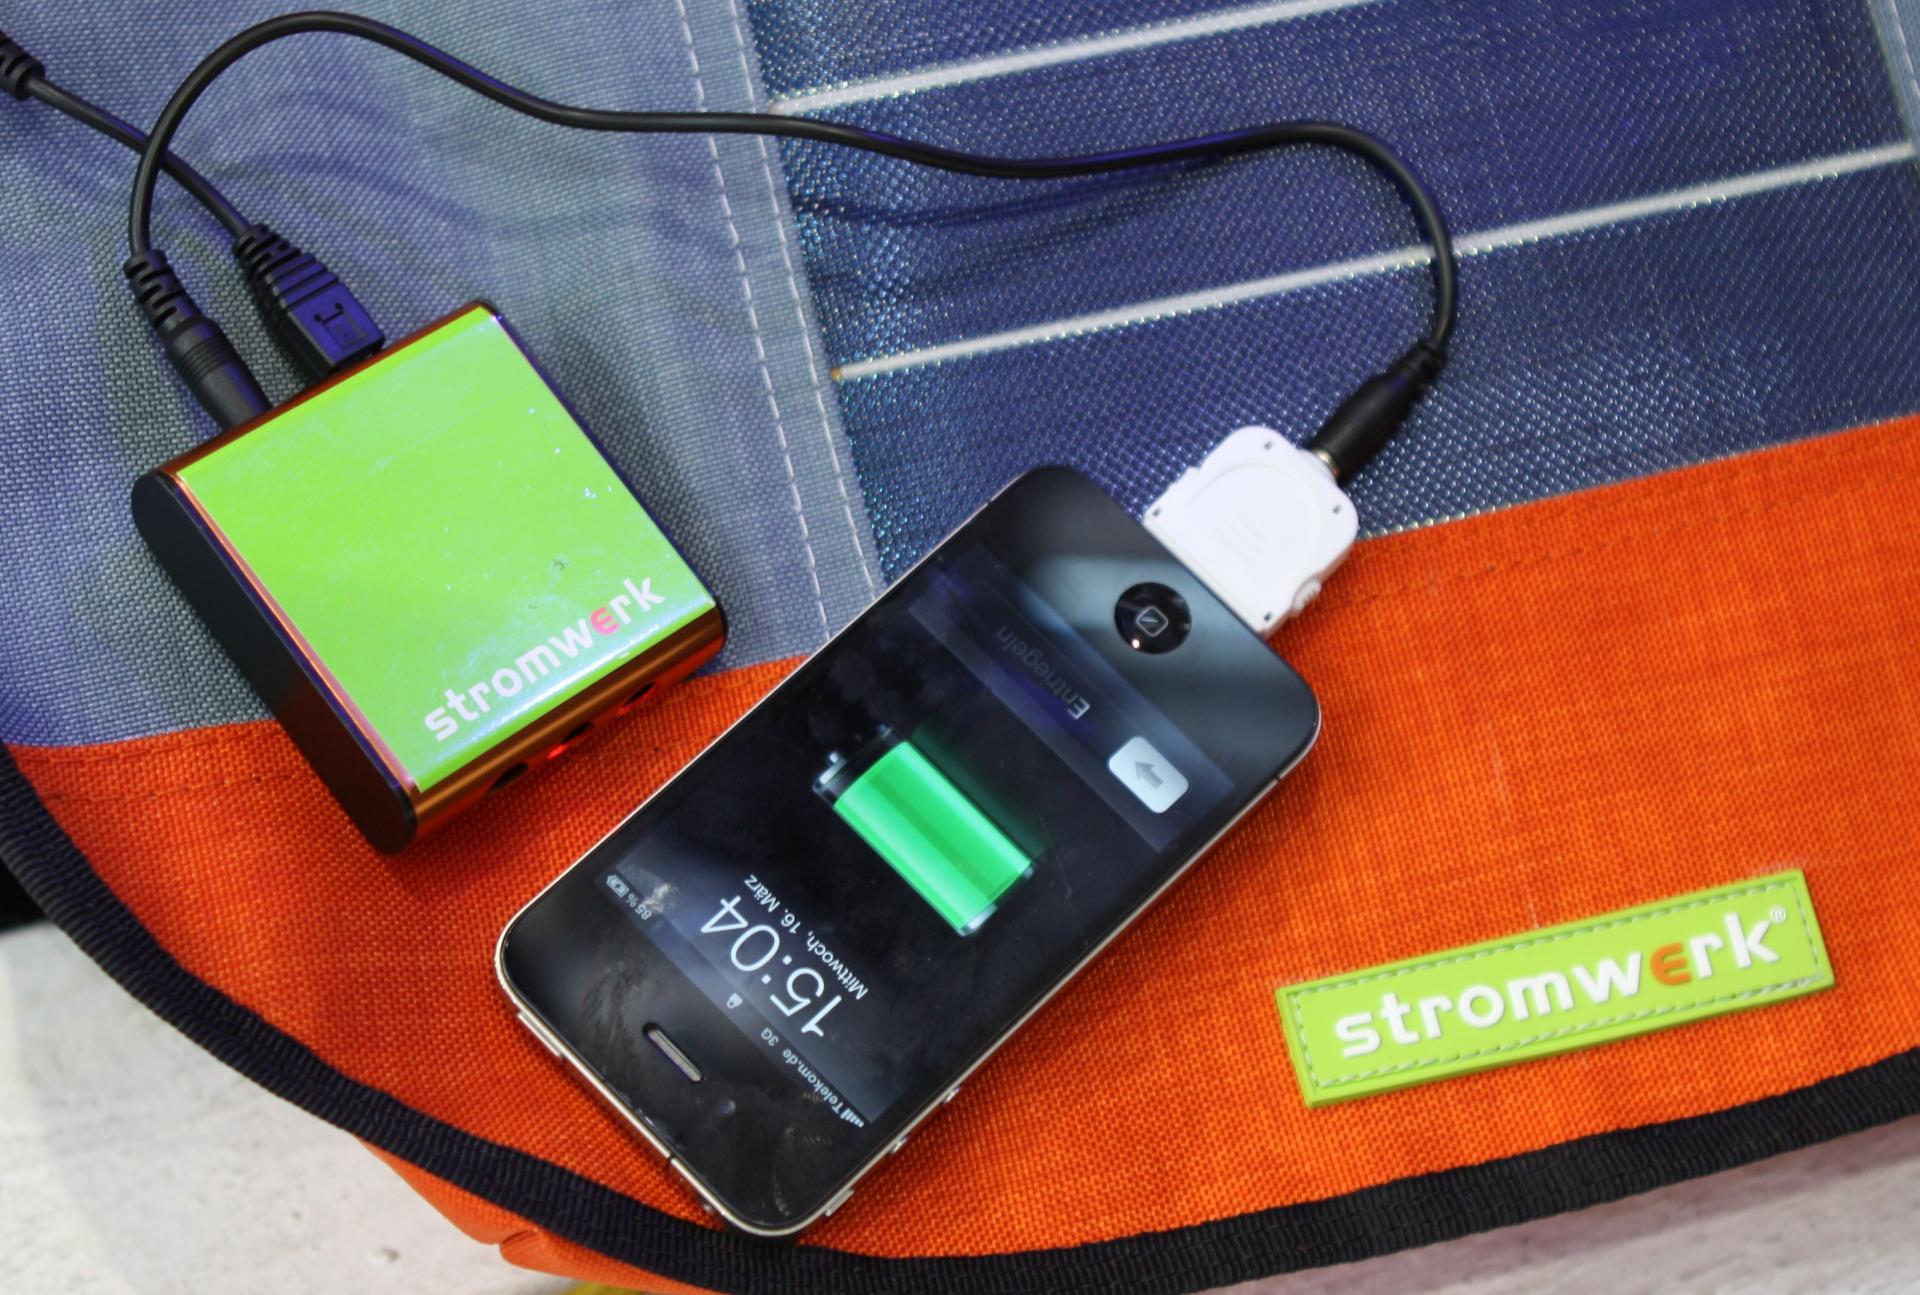 Stromwerk Tasche mit iPhone